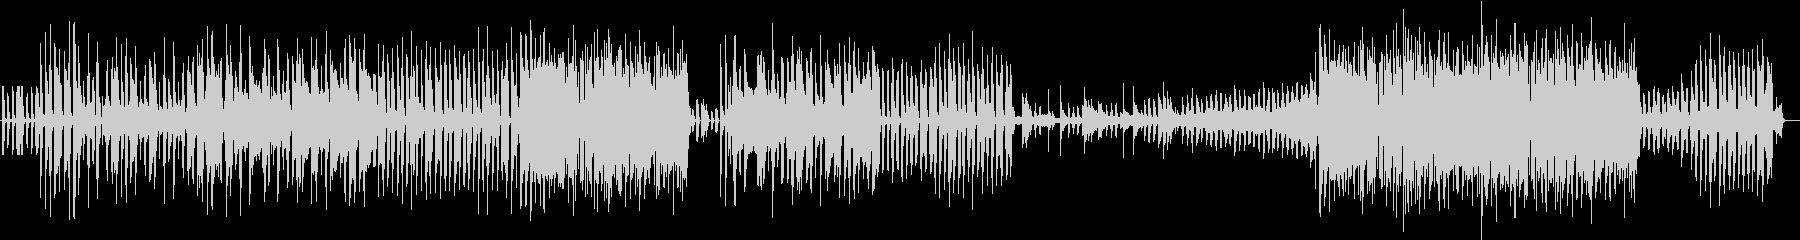 エレクトロとジャズを融合、不思議サウンドの未再生の波形